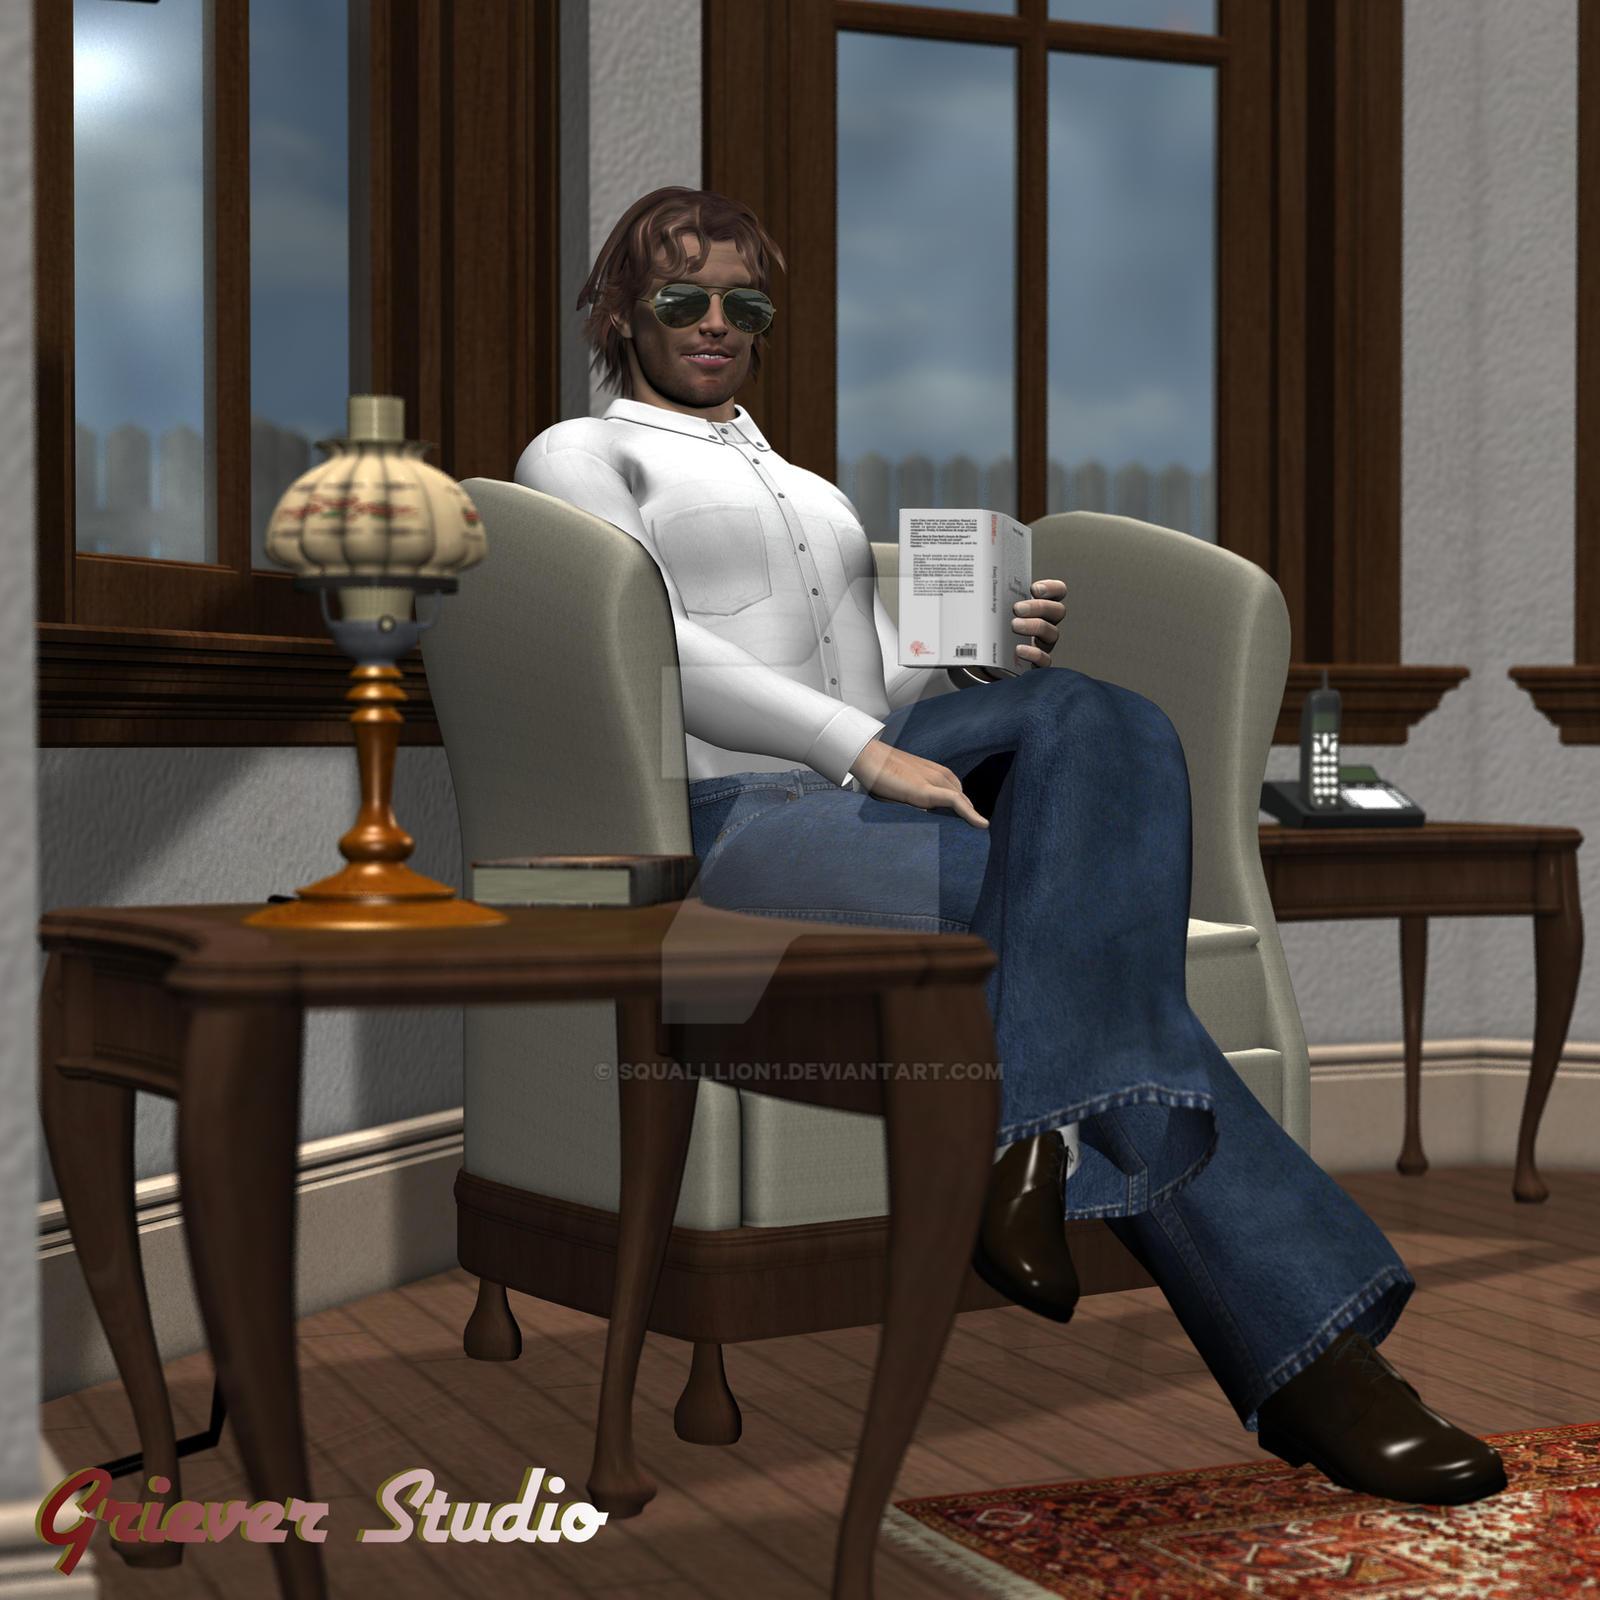 SquallLion1's Profile Picture